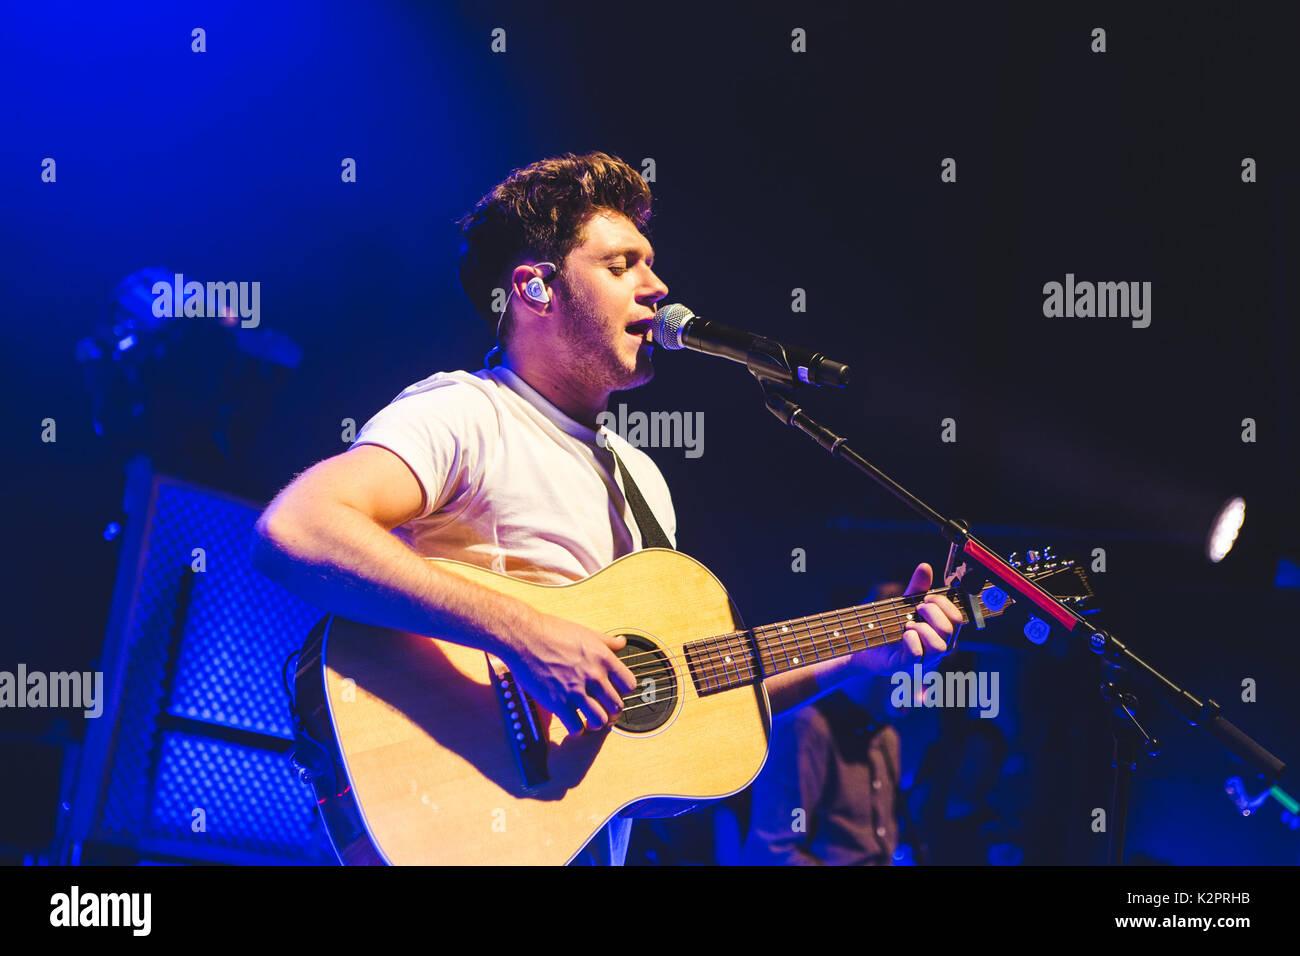 Londres, Royaume-Uni. 31 août 2017 - Ancien membre de One Direction, one direction, joue sa première exposition solo au Royaume-Uni à l'O2 Shepherds Bush Empire à Londres, 2017 Credit: Myles Wright/ZUMA/Alamy Fil Live News Banque D'Images